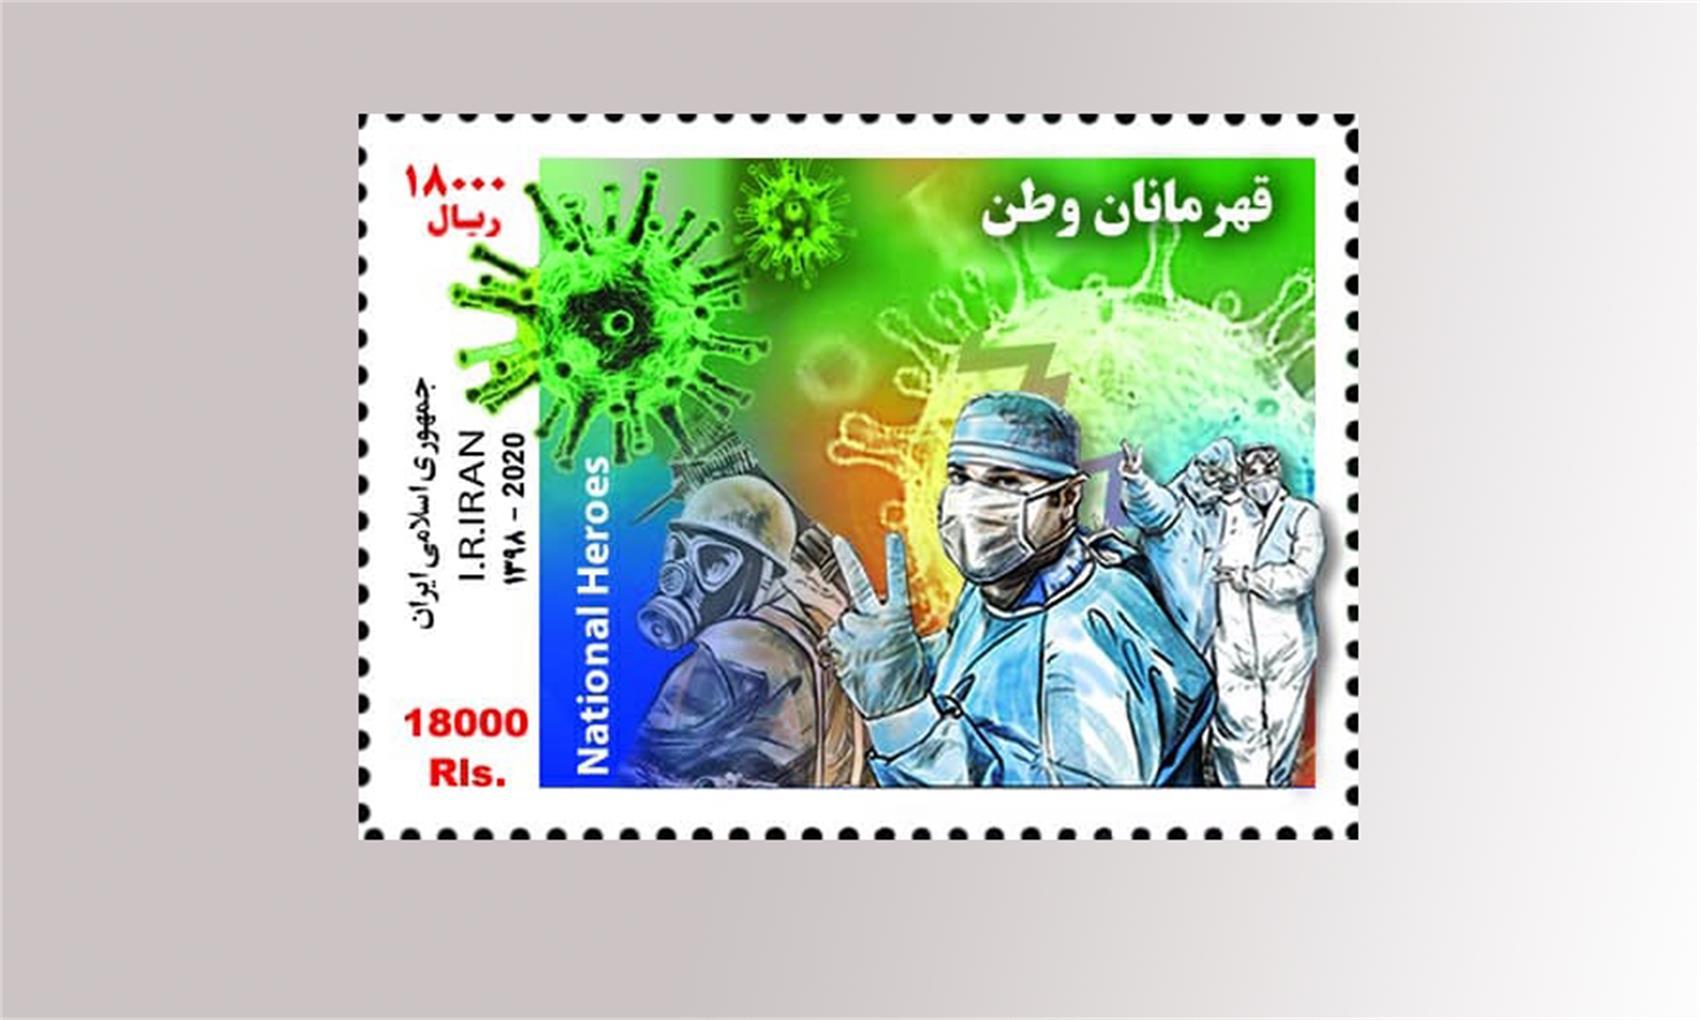 تمبر یادبود تلاشگران خط مقدم مبارزه با کرونا رونمایی شد